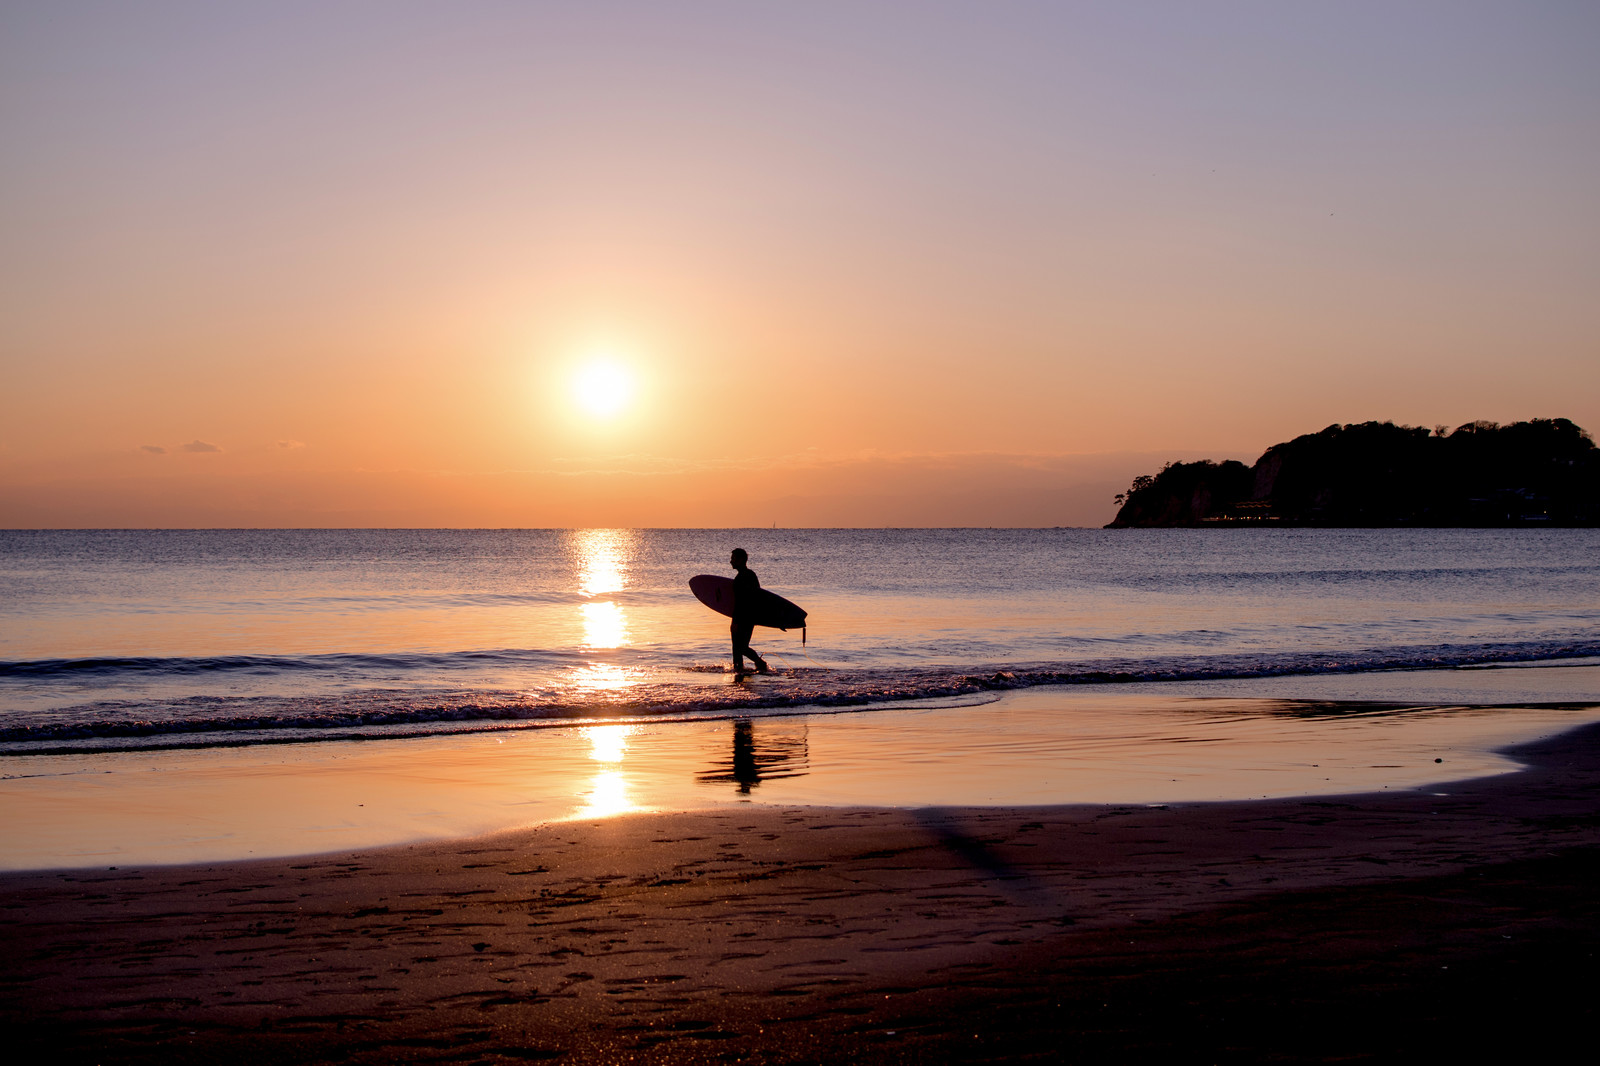 「夕暮れの海に向かうサーファー」